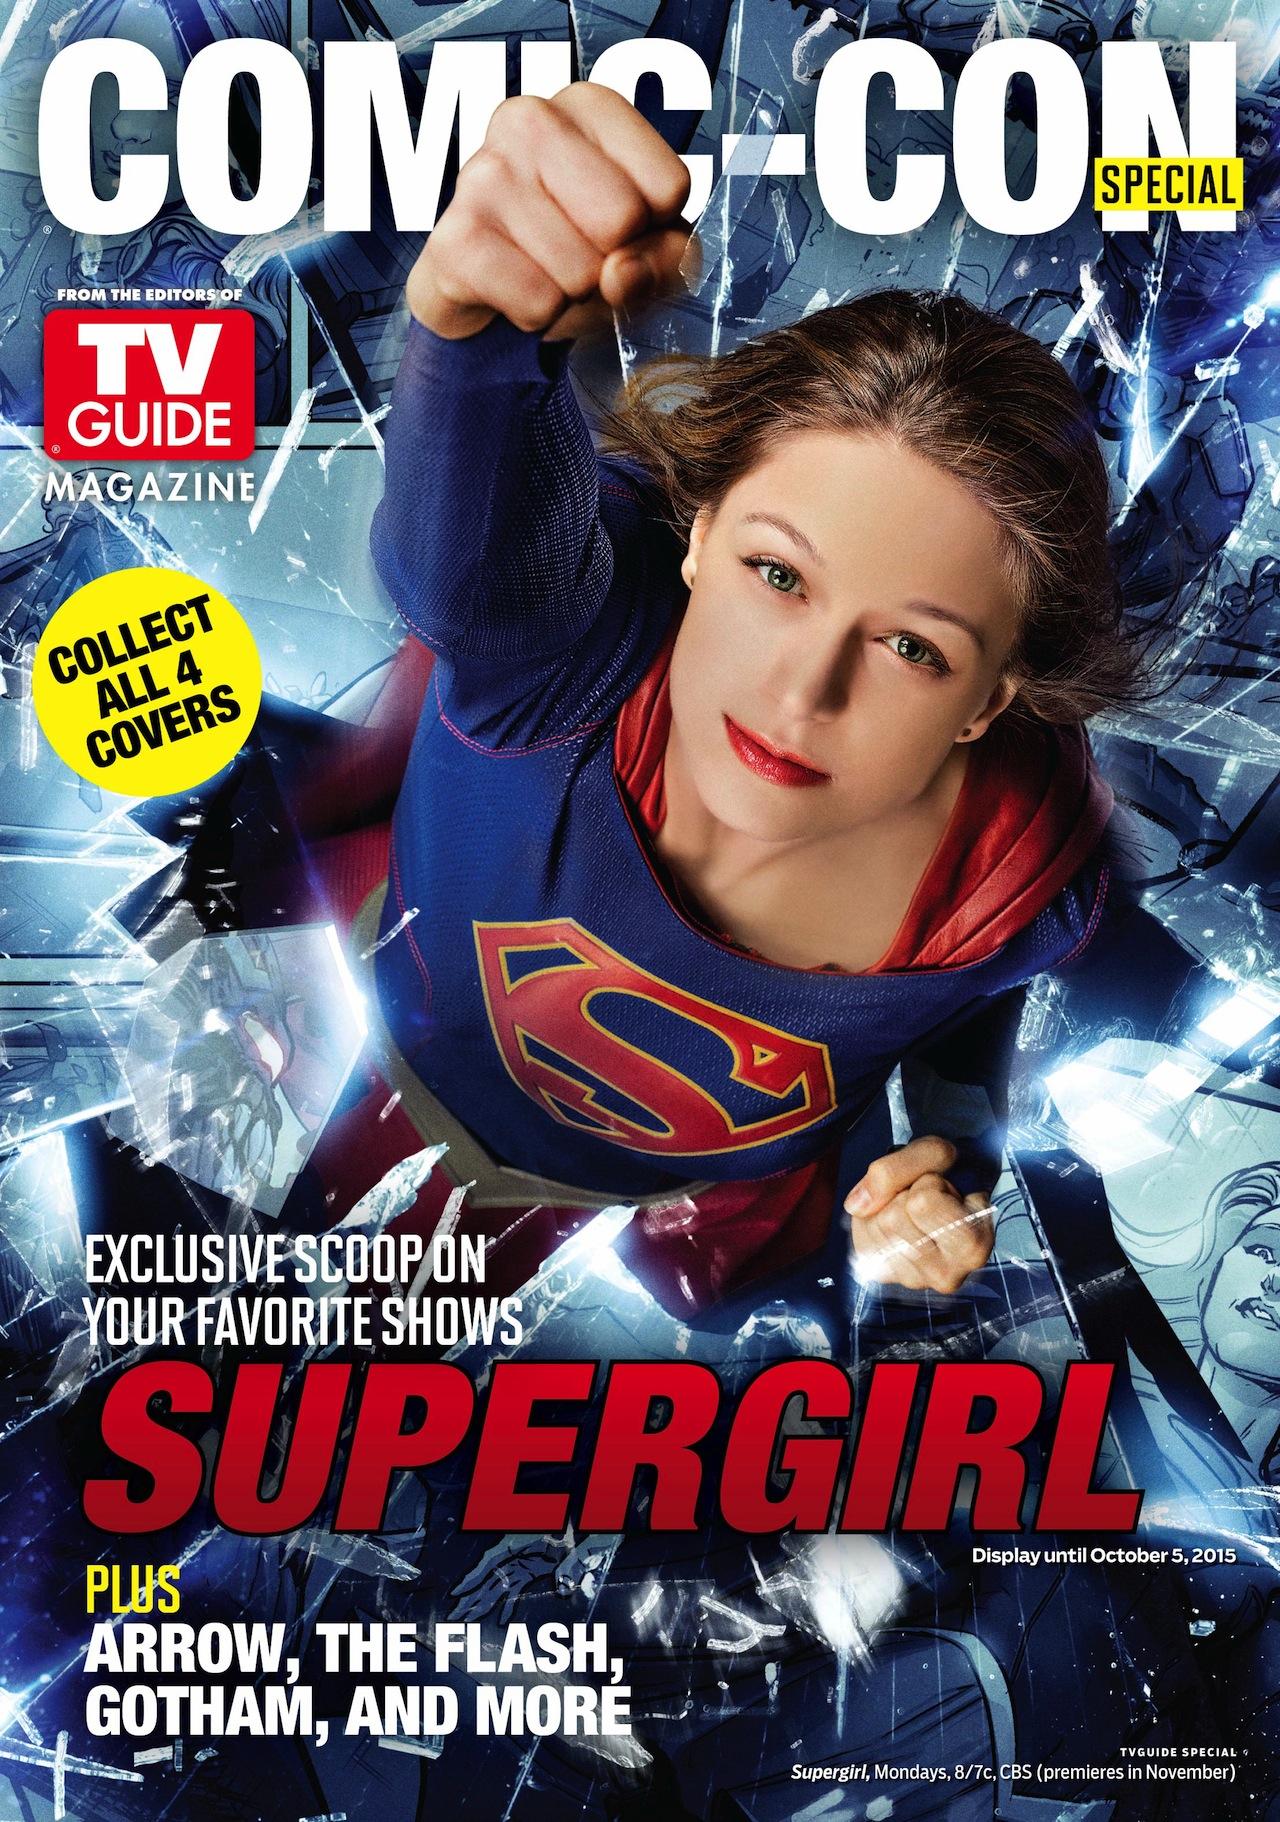 Supergirl: la copertina del magazine TVGuide nell'edizione speciale del Comic-Con